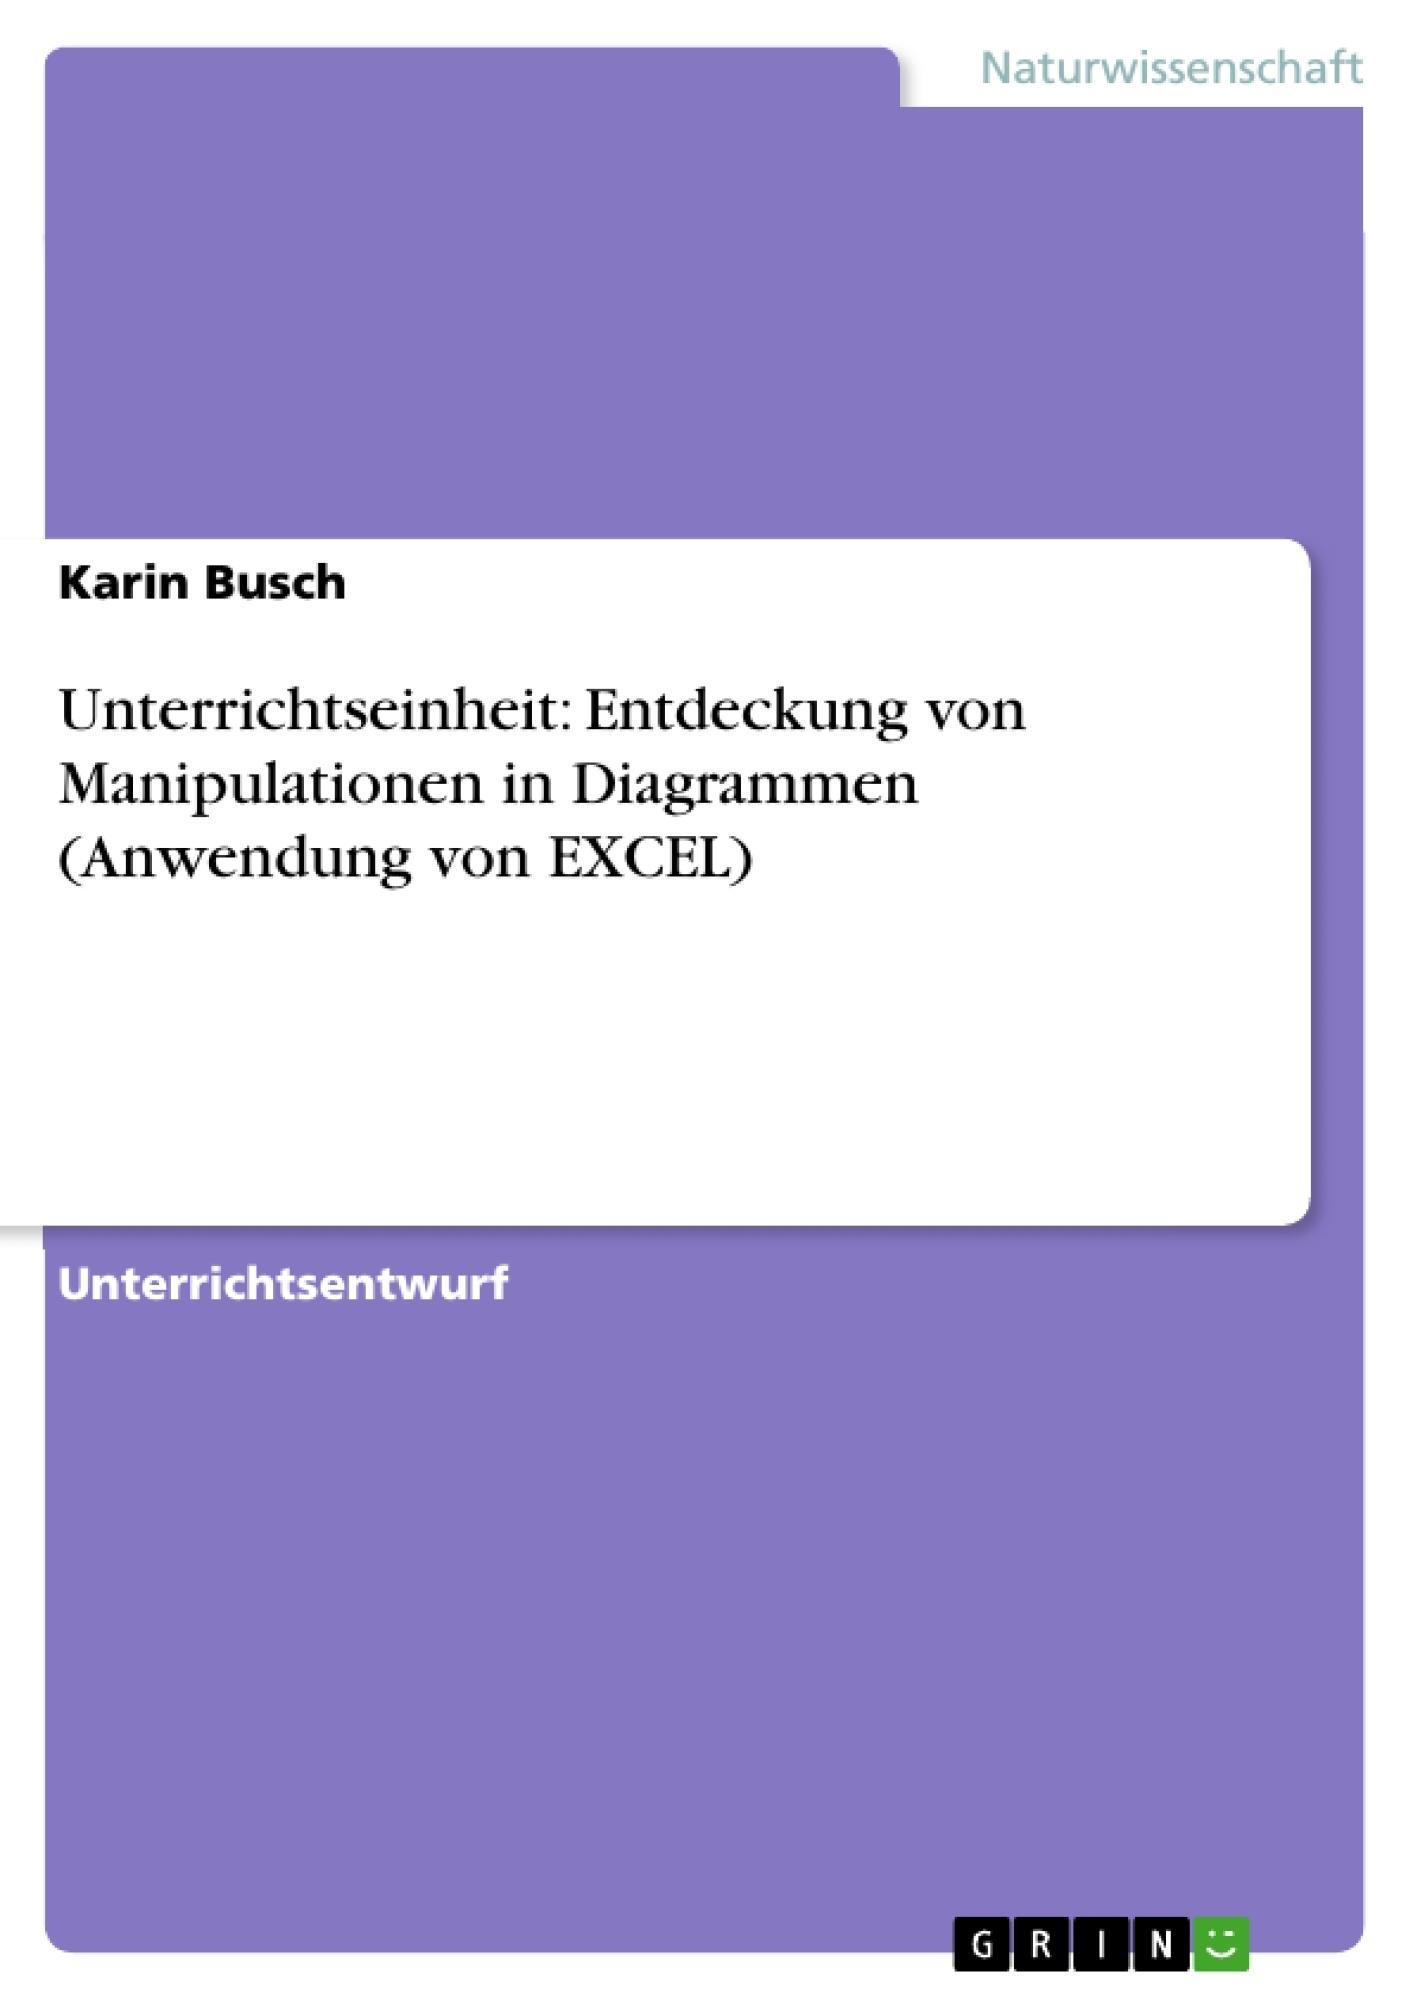 Titel: Unterrichtseinheit: Entdeckung von Manipulationen in Diagrammen (Anwendung von EXCEL)